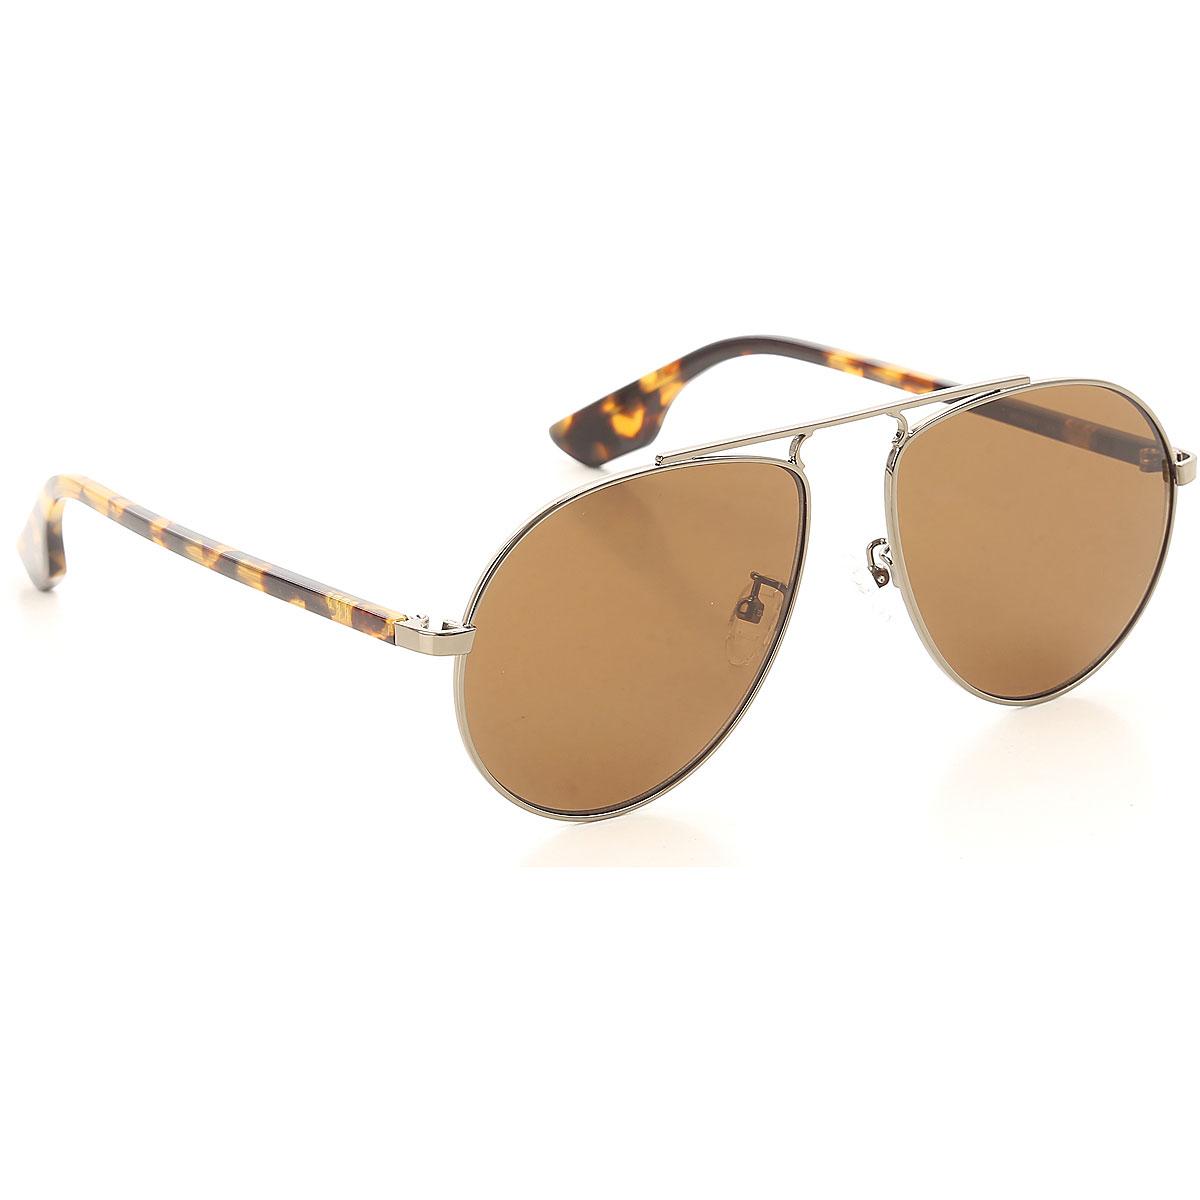 Alexander McQueen McQ Sunglasses On Sale, Ruthenium, 2019